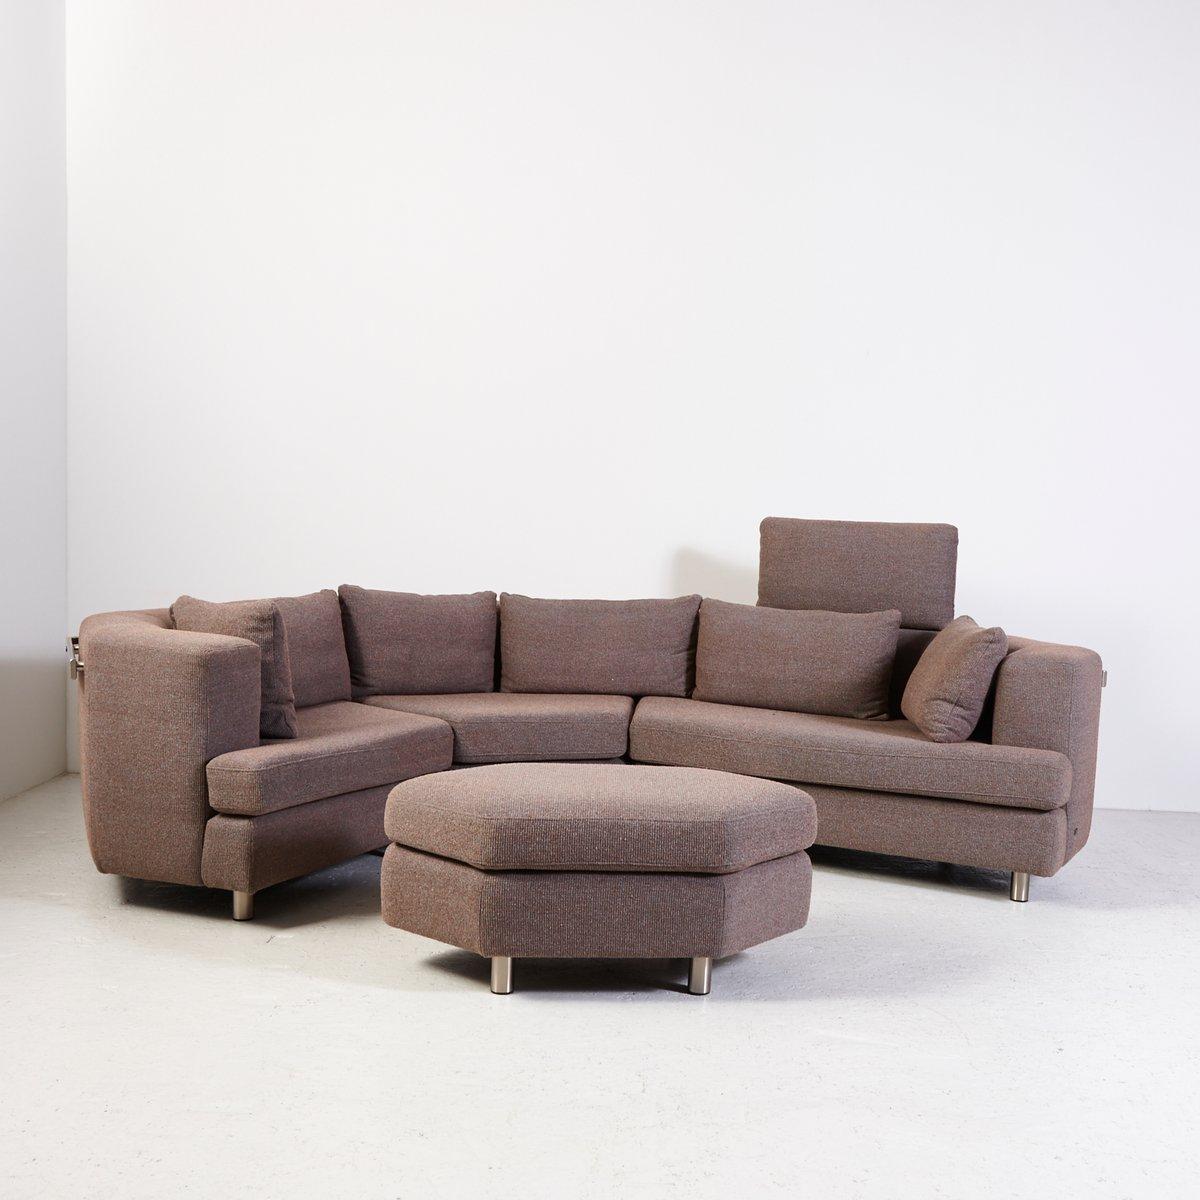 modulares vintage modell 200 ledersofa von rolf benz 1970er haustechnik thiel. Black Bedroom Furniture Sets. Home Design Ideas